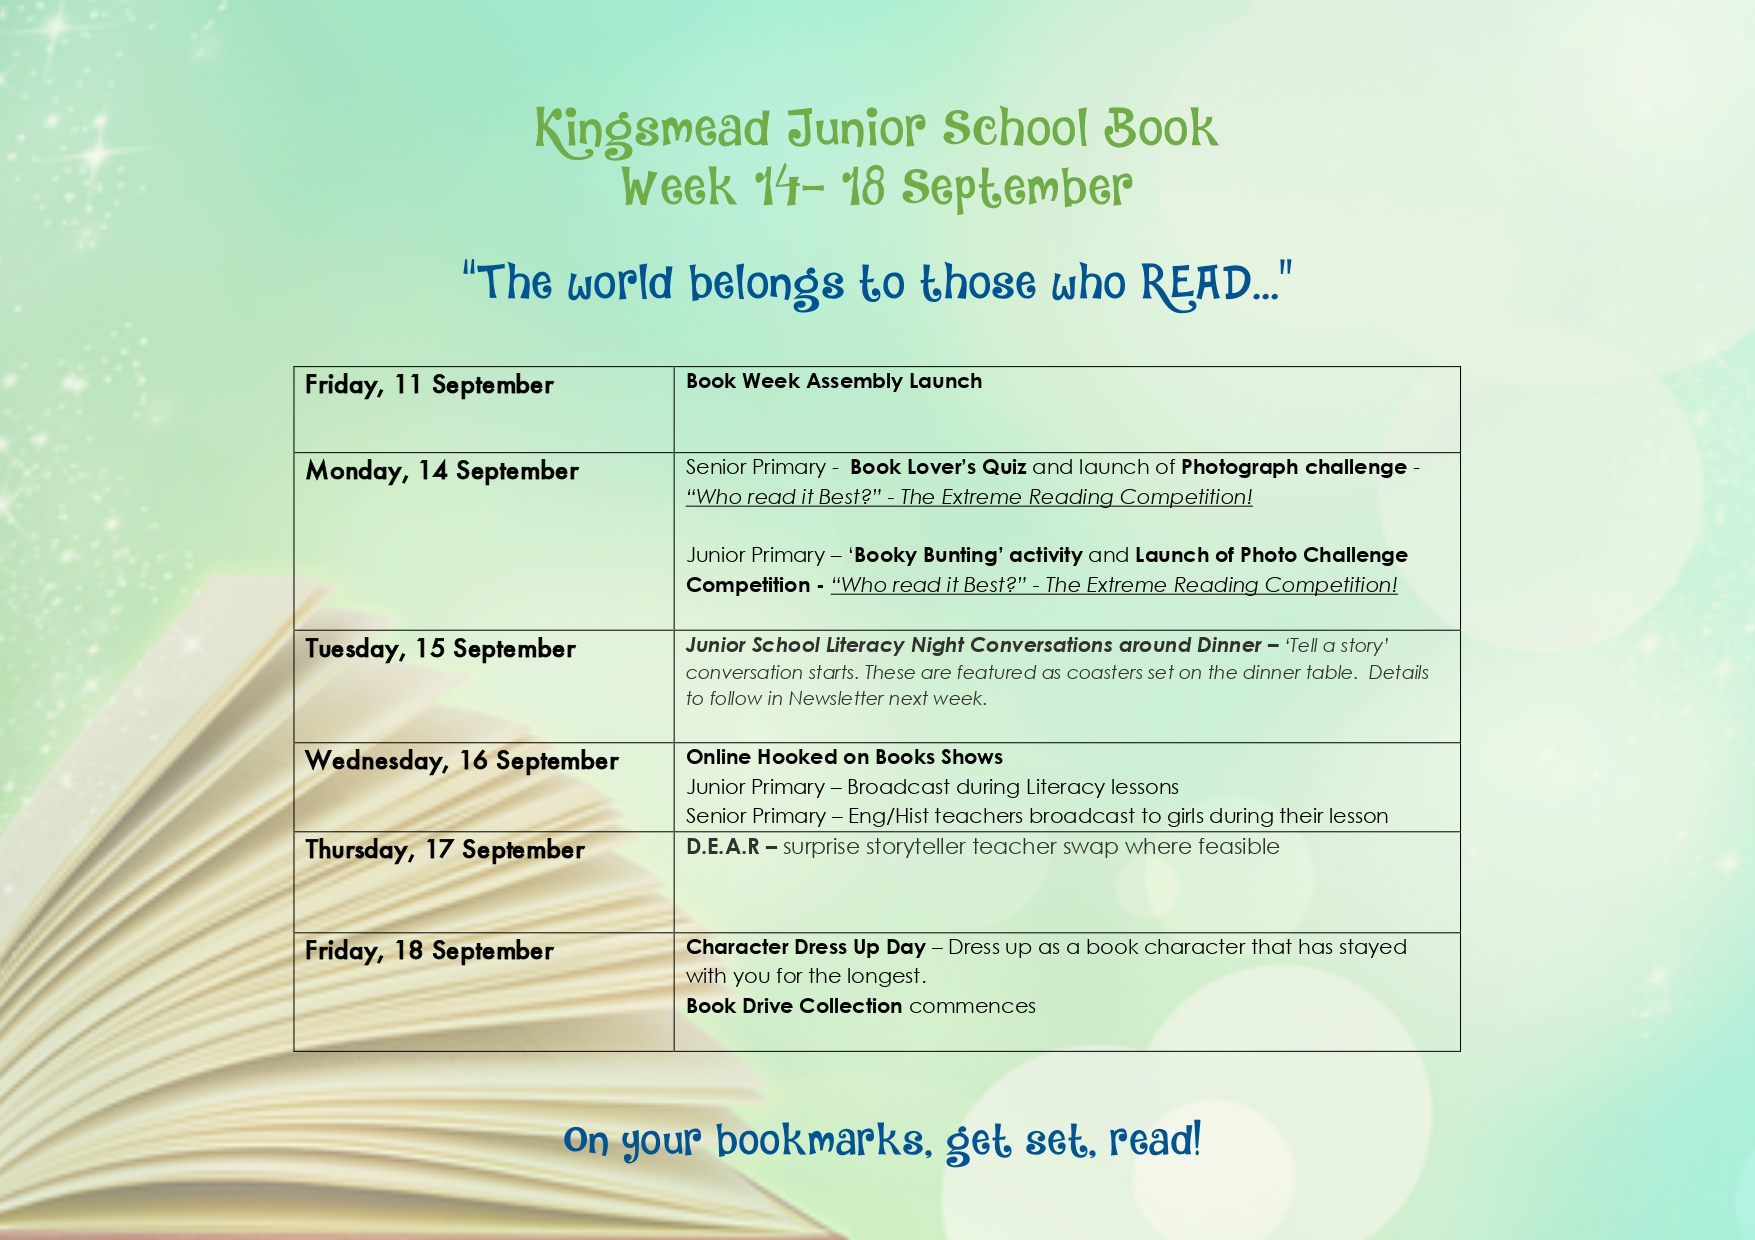 Kingsmead Junior School Book Week page 0001 Kingsmead College